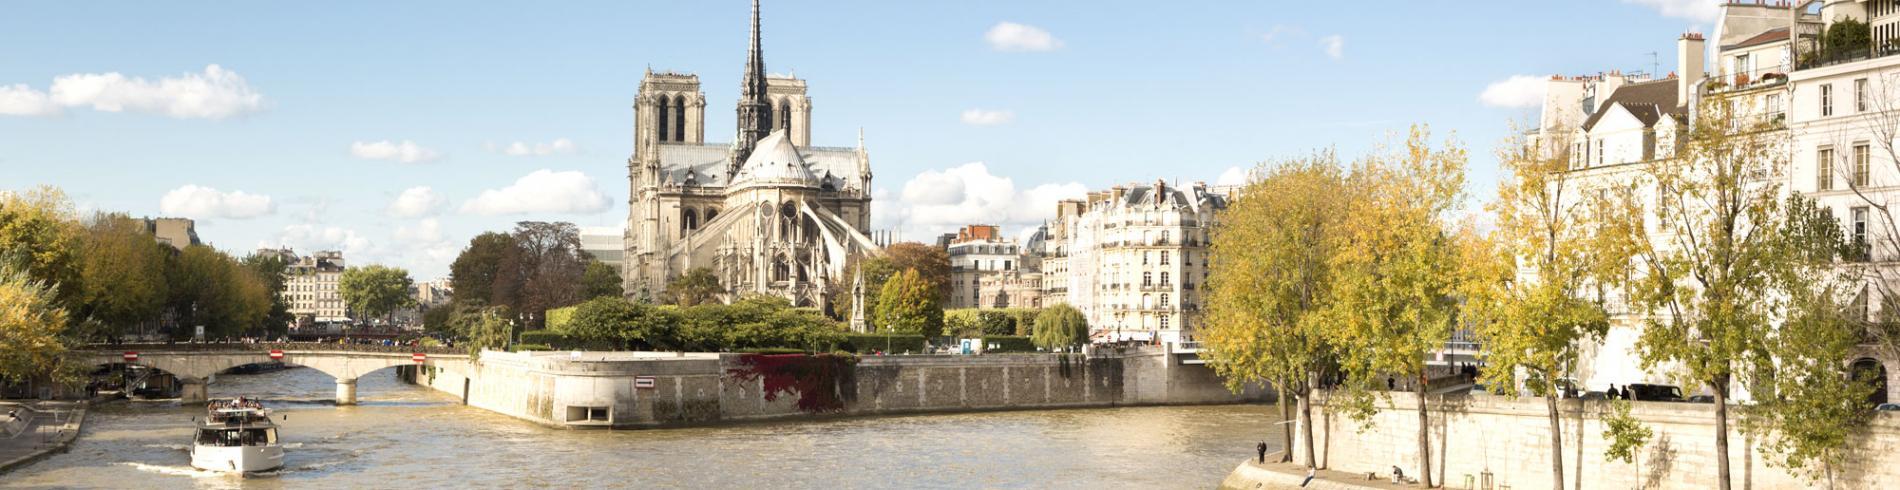 View of Ile de la Cite from the Seine